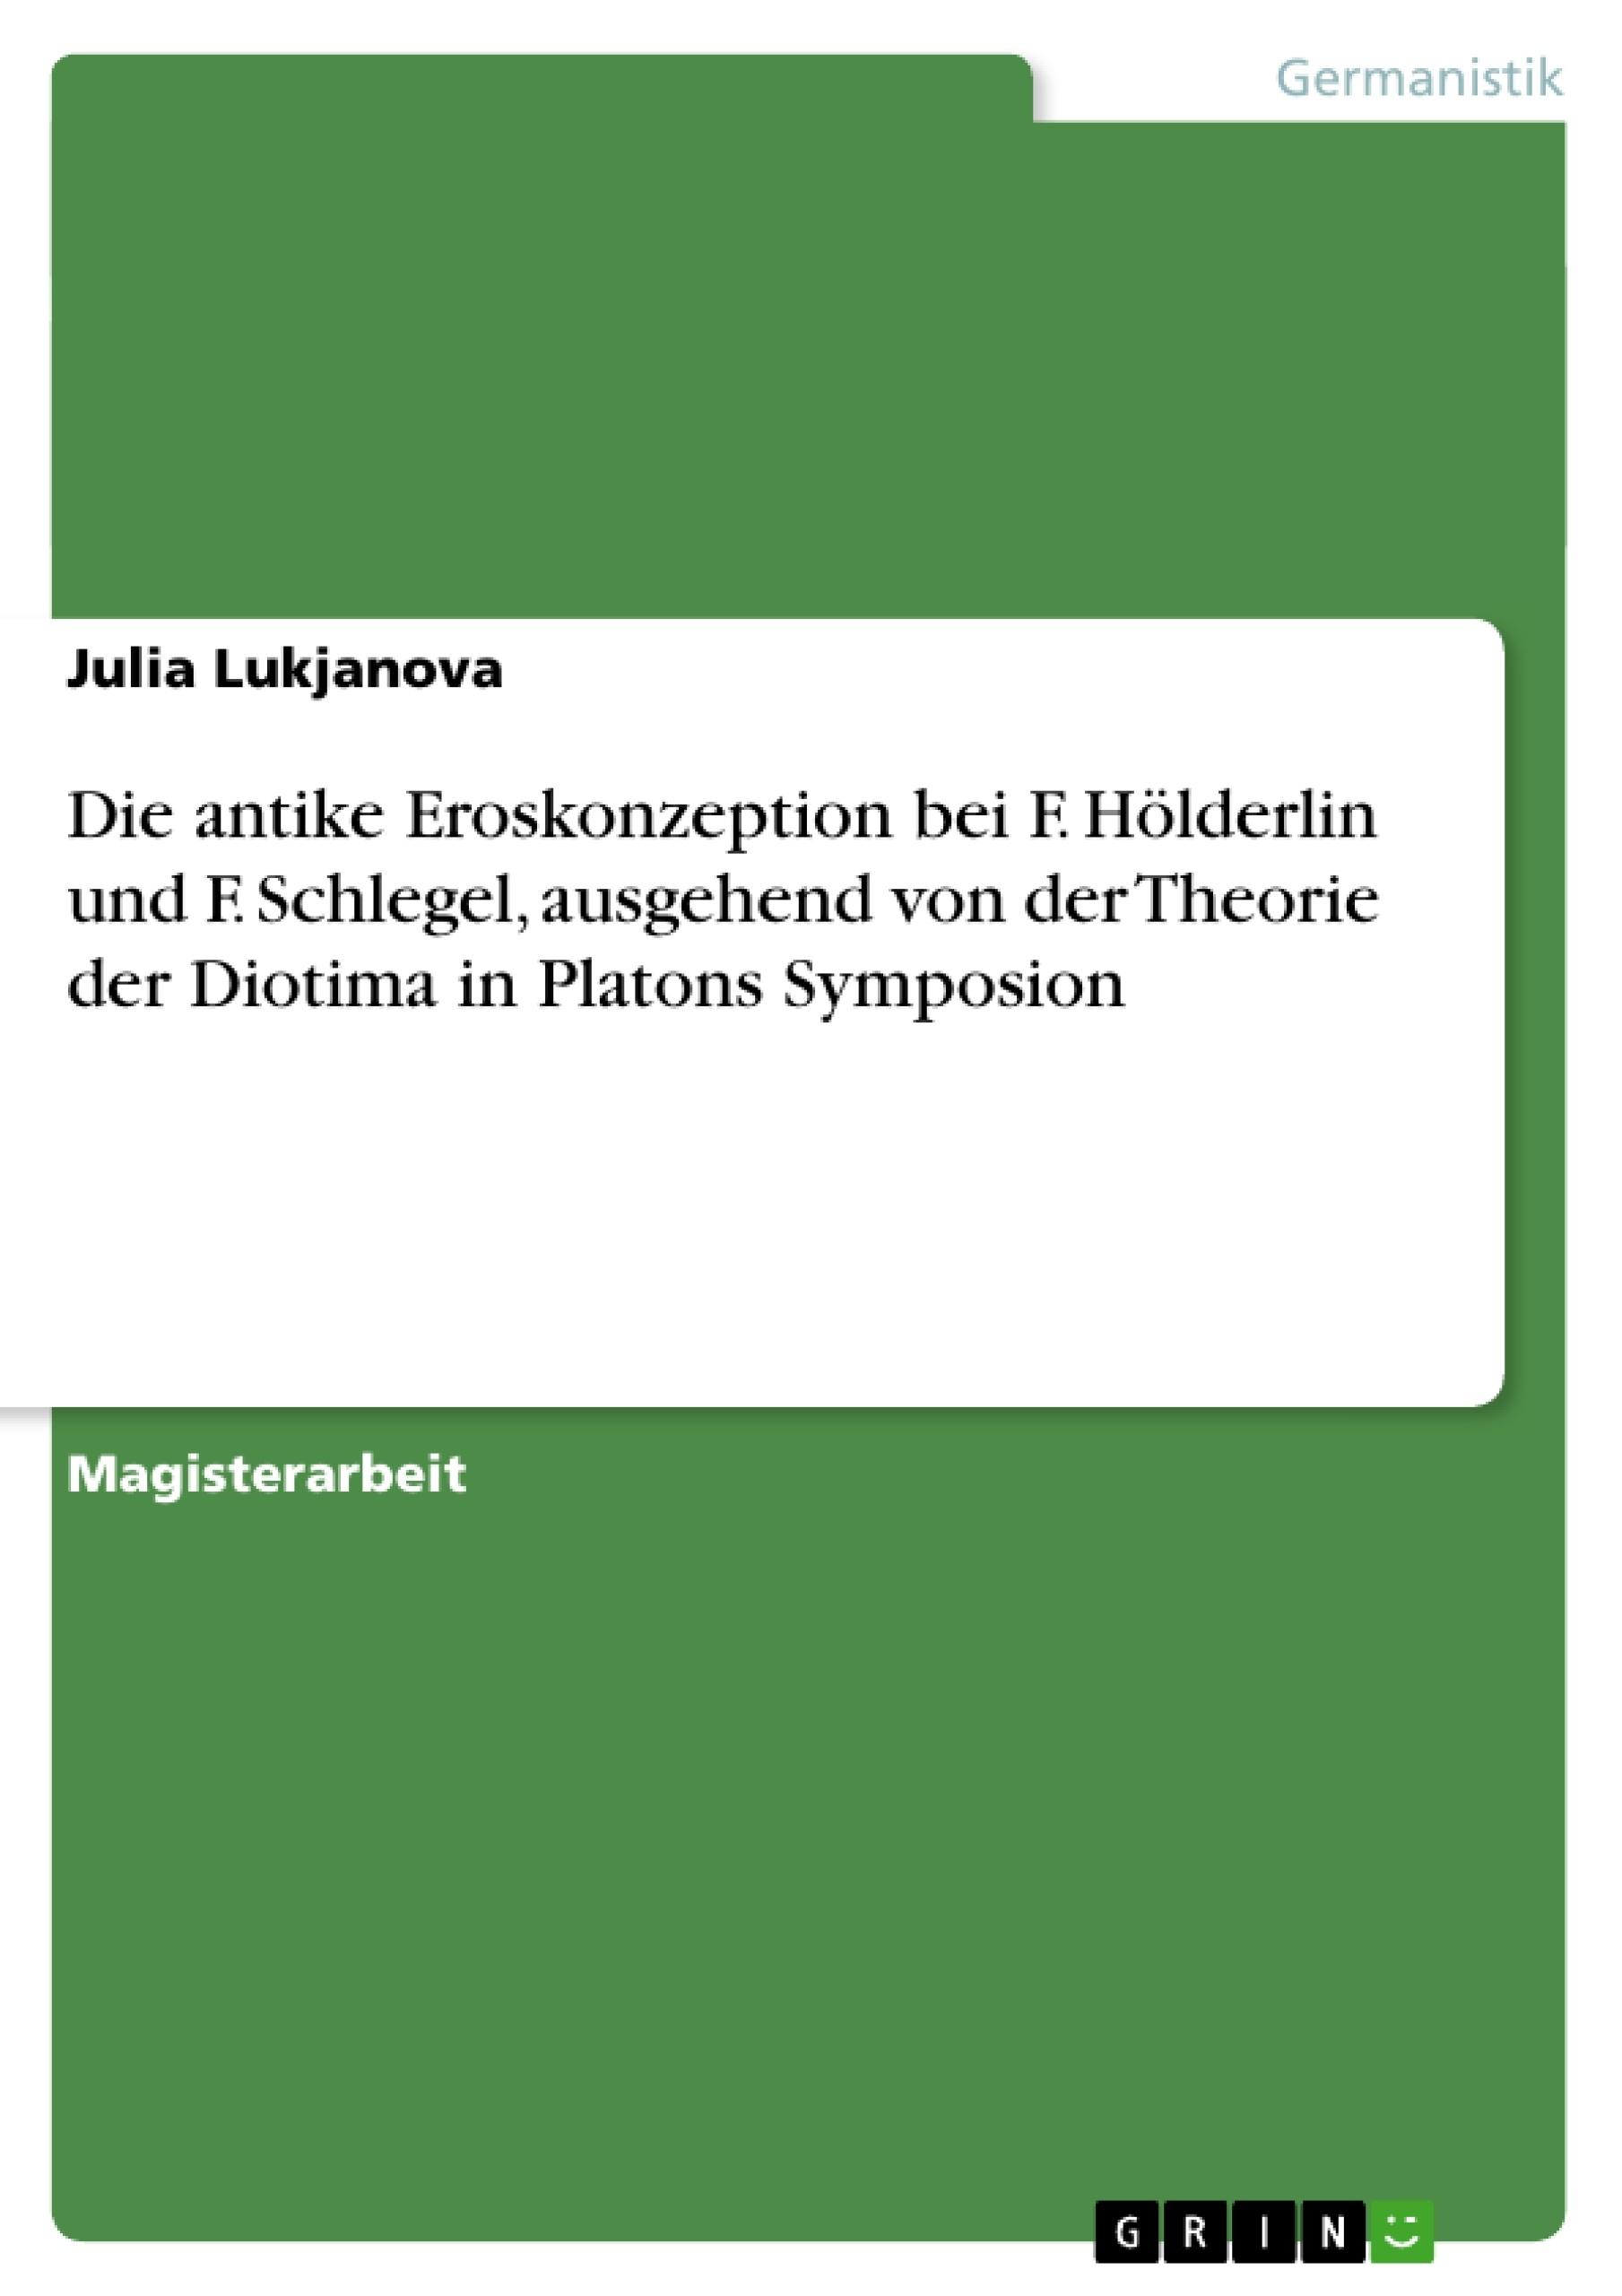 Titel: Die antike Eroskonzeption bei F. Hölderlin und F. Schlegel, ausgehend von der Theorie der Diotima in Platons Symposion